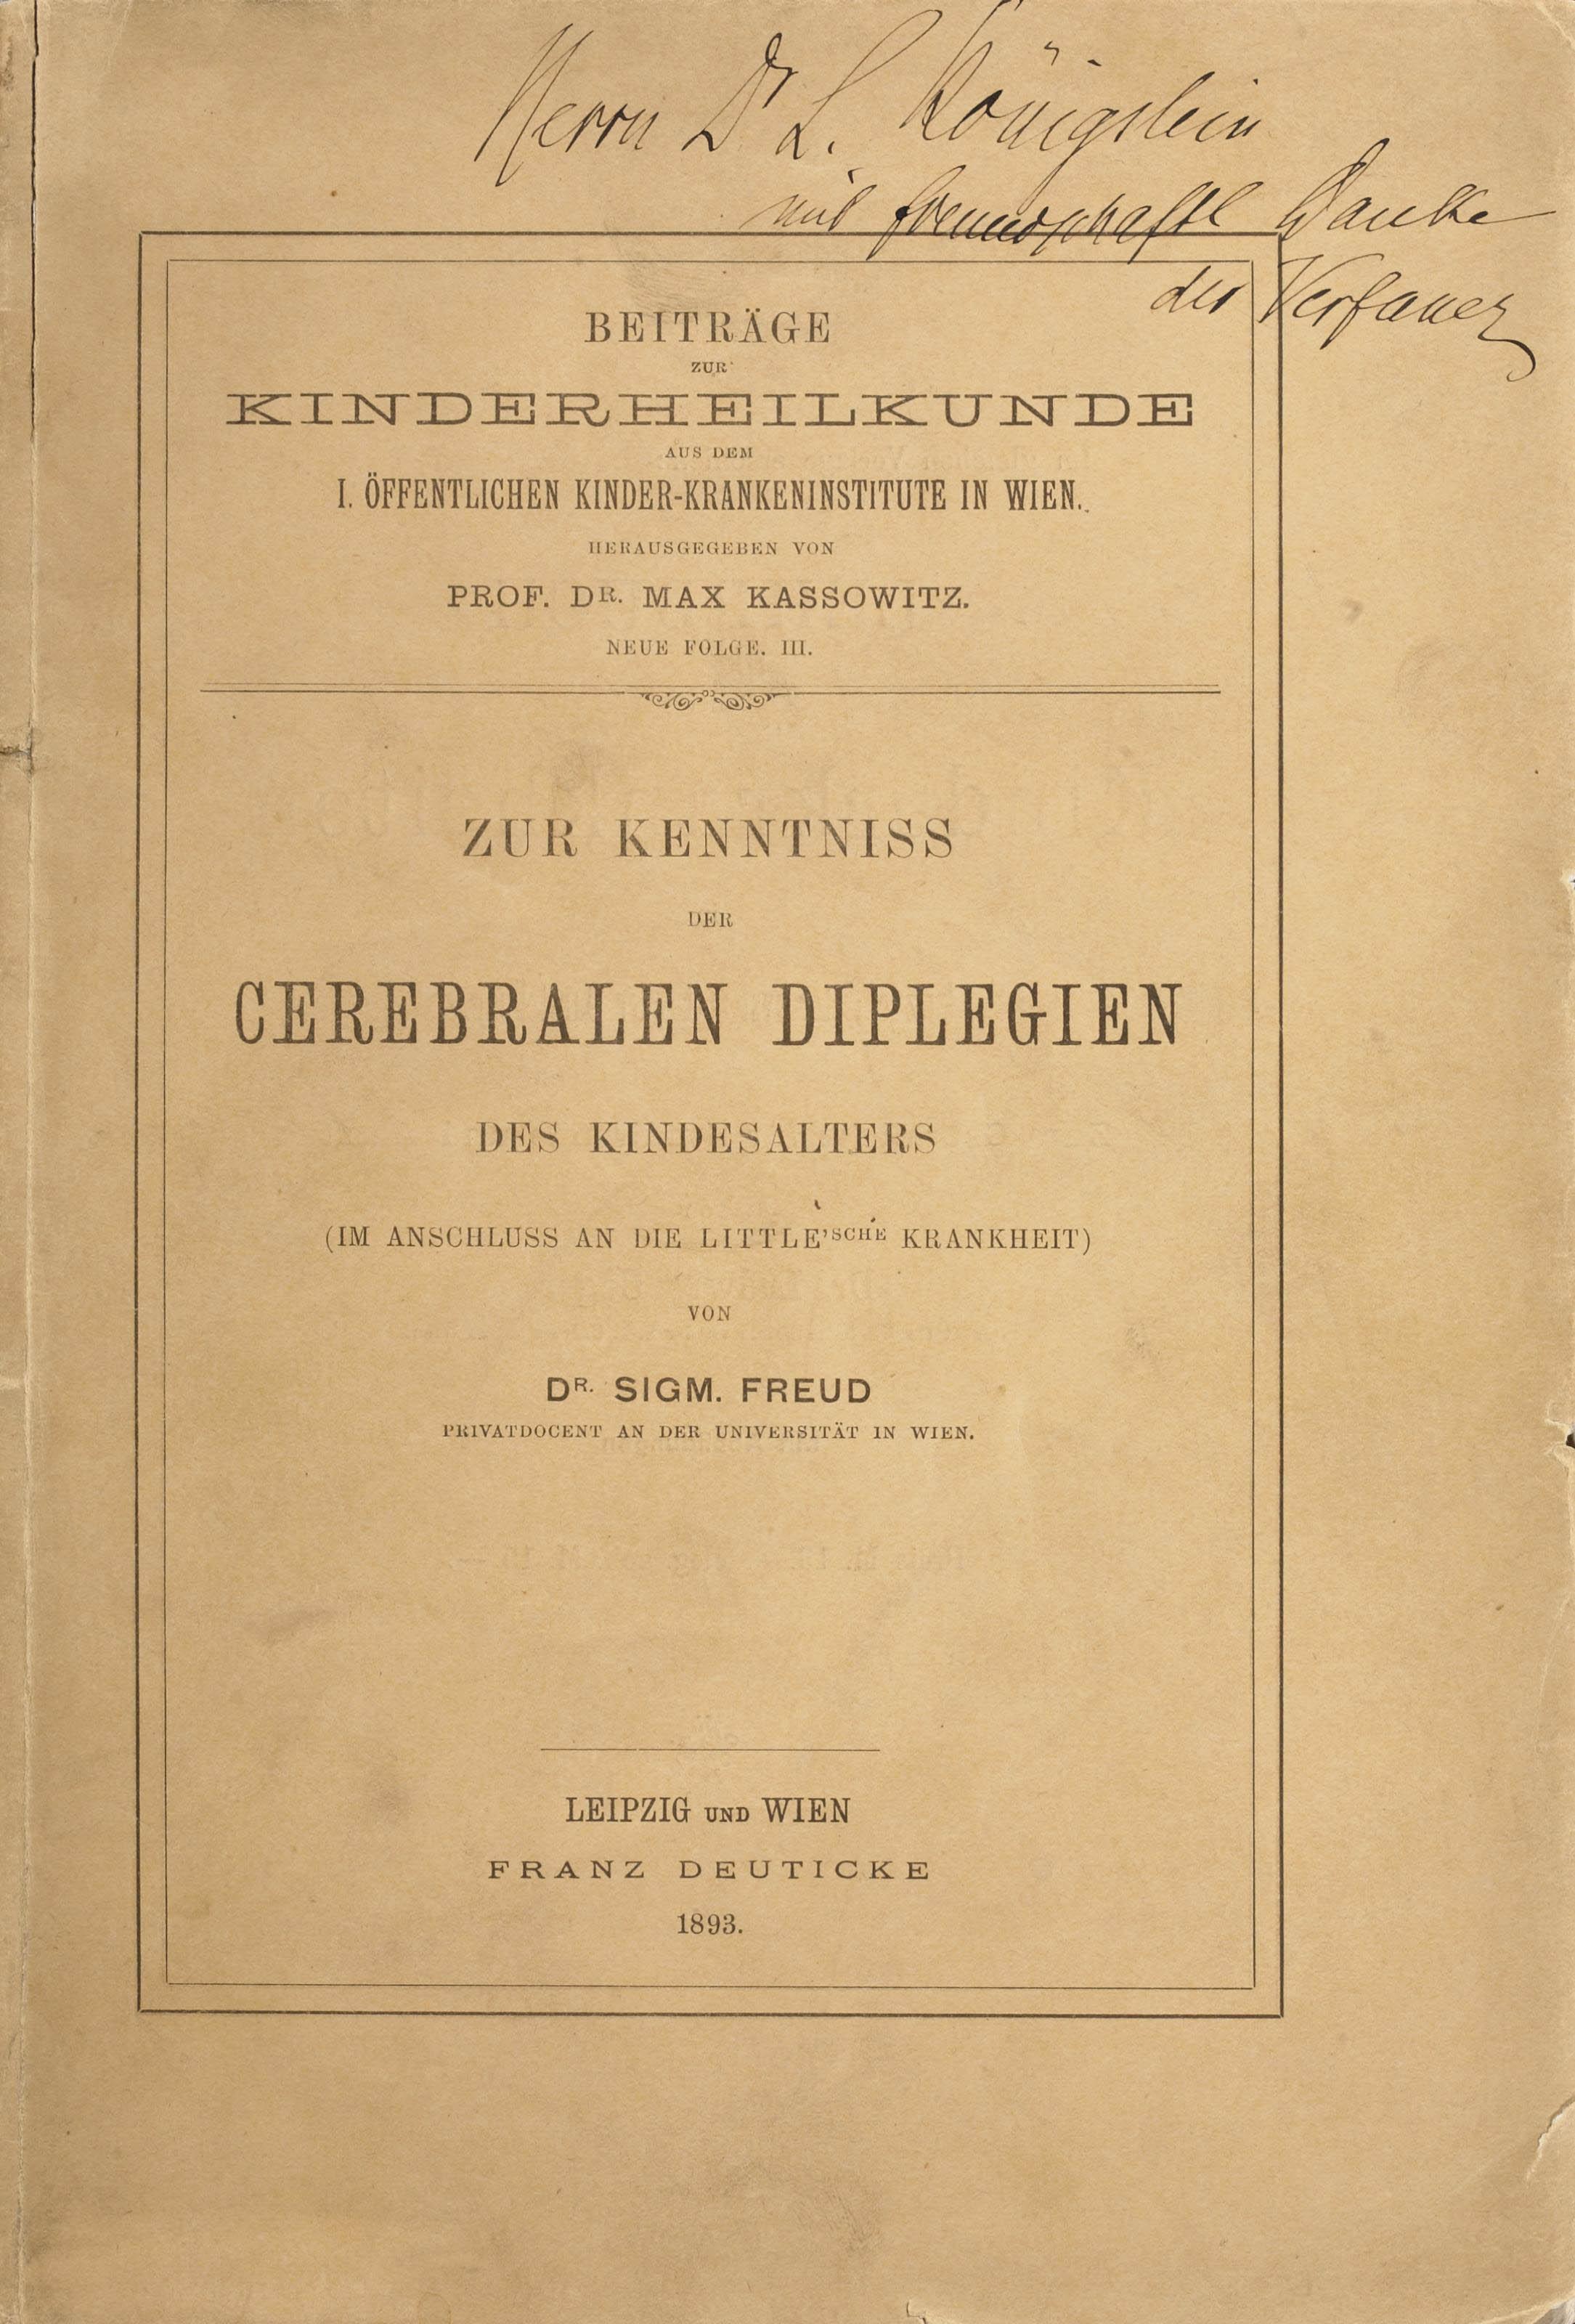 FREUD, Sigmund (1856-1939). Zur Kenntnis des cerebralen Diplegien des Kindesalters (im Anschluss an die Little'sche Krankheit). Beiträge zur Kinderheilkunde neue Folge III. Leipzig et Vienne: Franz Deuticke, 1893.